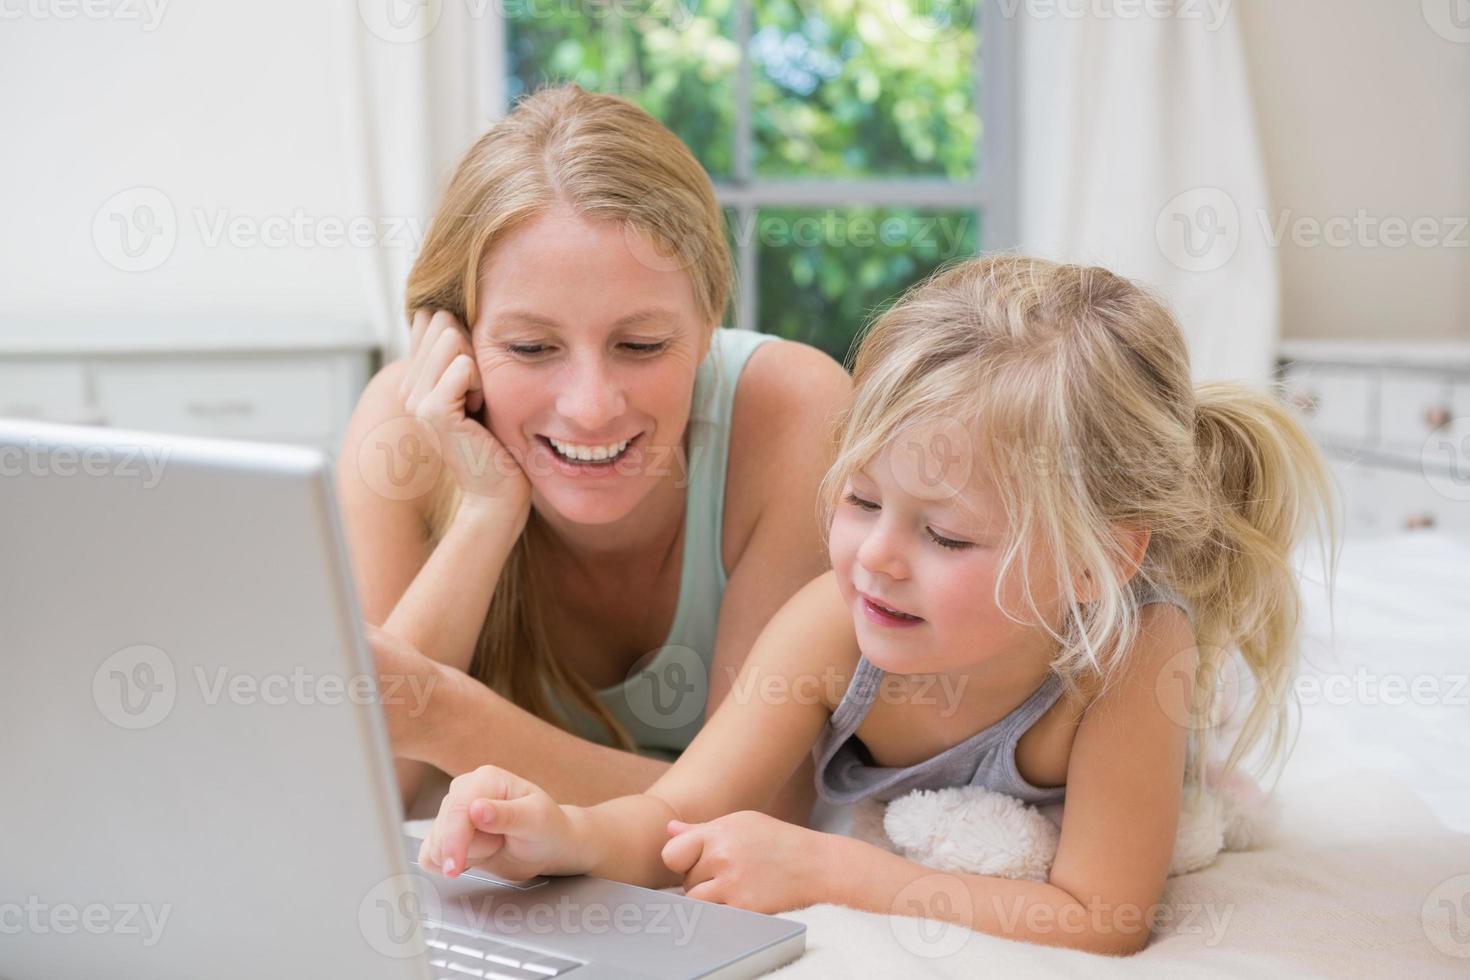 süßes kleines Mädchen und Mutter auf dem Bett mit Laptop foto